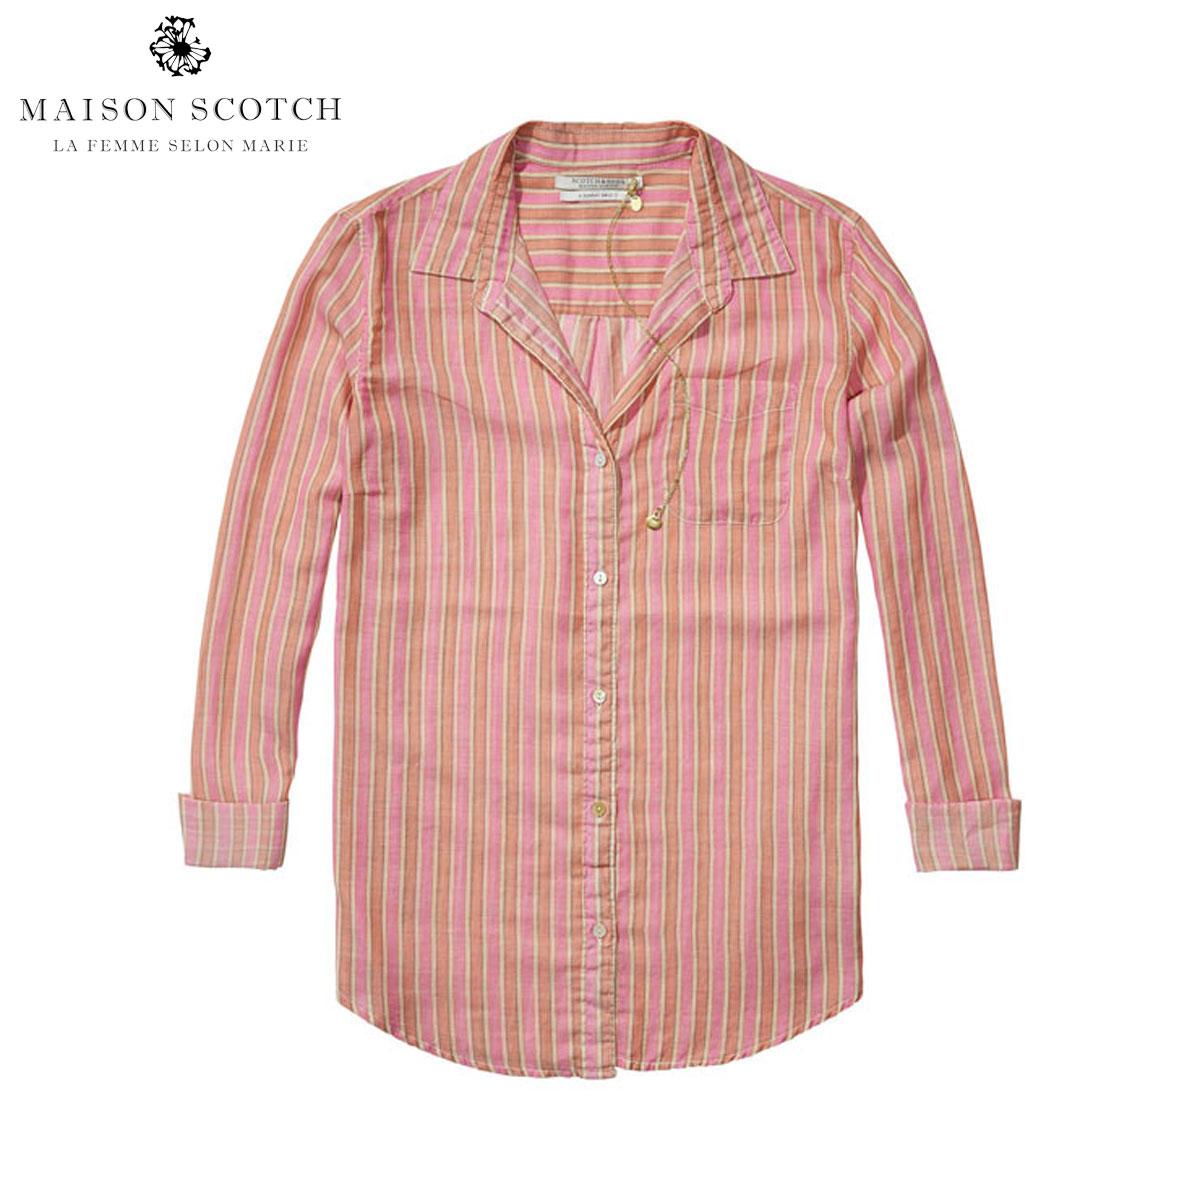 【ポイント10倍 8/2 20:00~8/9 01:59まで】 メゾンスコッチ MAISON SCOTCH 正規販売店 レディース 長袖シャツ Lightweight striped button-up shirt 131142 A D00S20